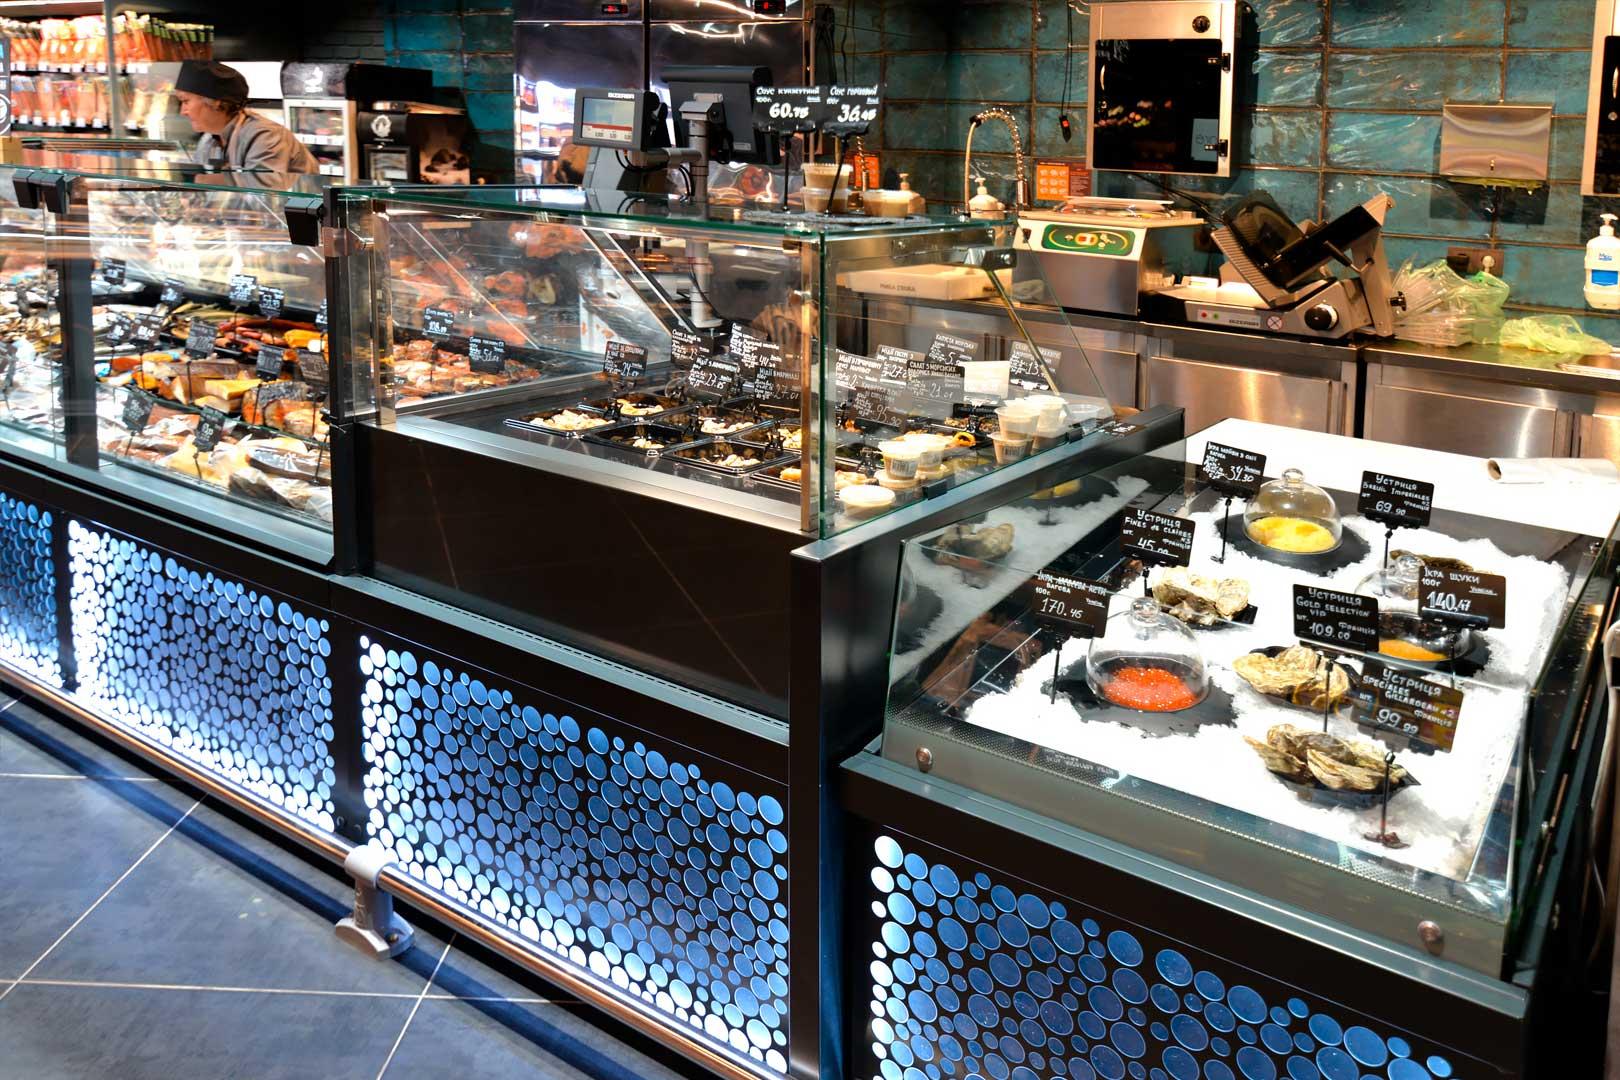 Витрины Мissouri MC 120 М, Мissouri MC 120 salads PP М, промоциональные витрины Virginia AK 132 ice self A